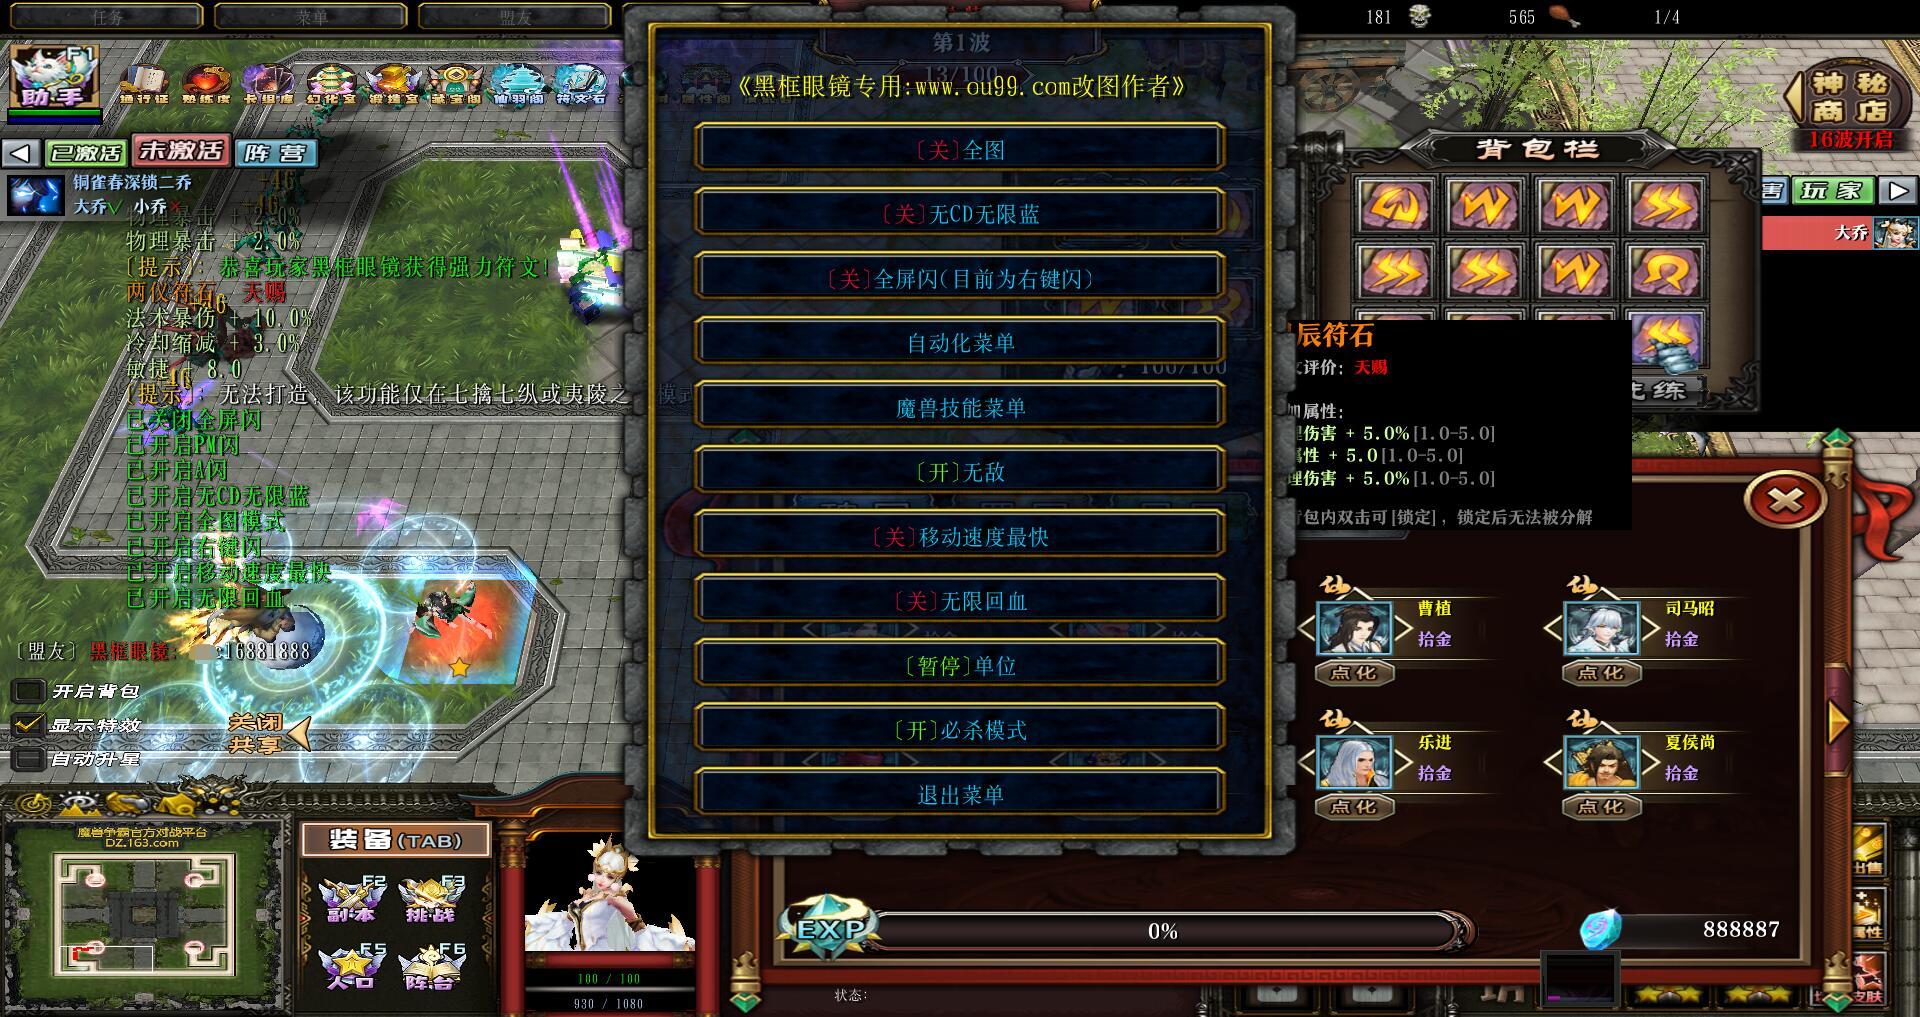 神仙三国2.0.15破解